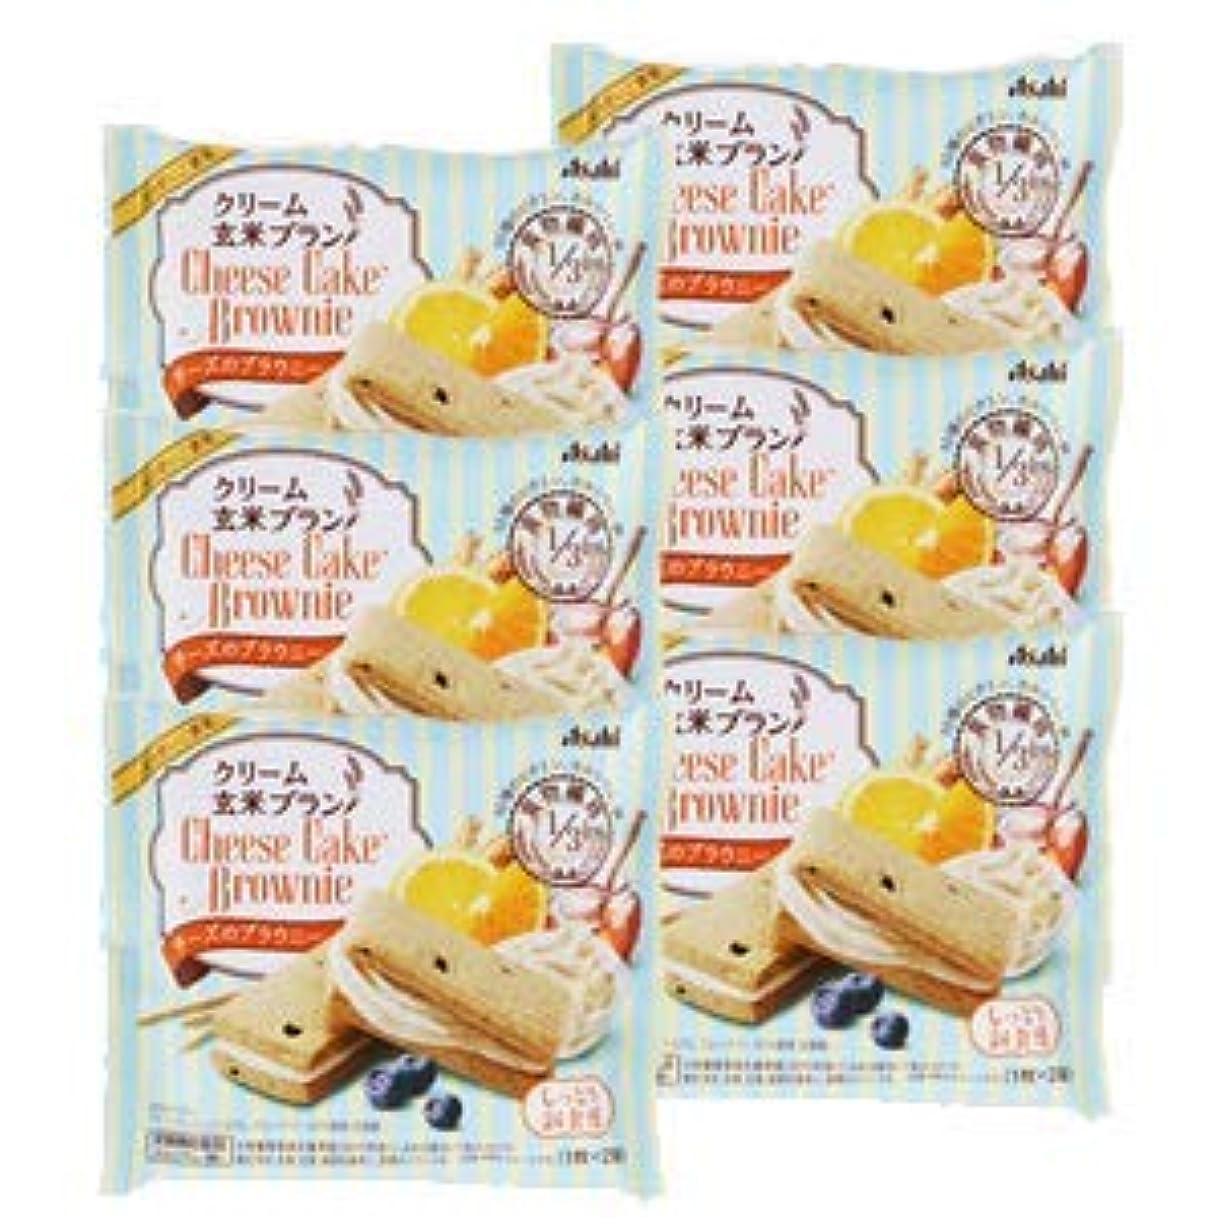 野望手順横たわるアサヒ バランスアップ クリーム玄米ブラン チーズのブラウニー 6個セット